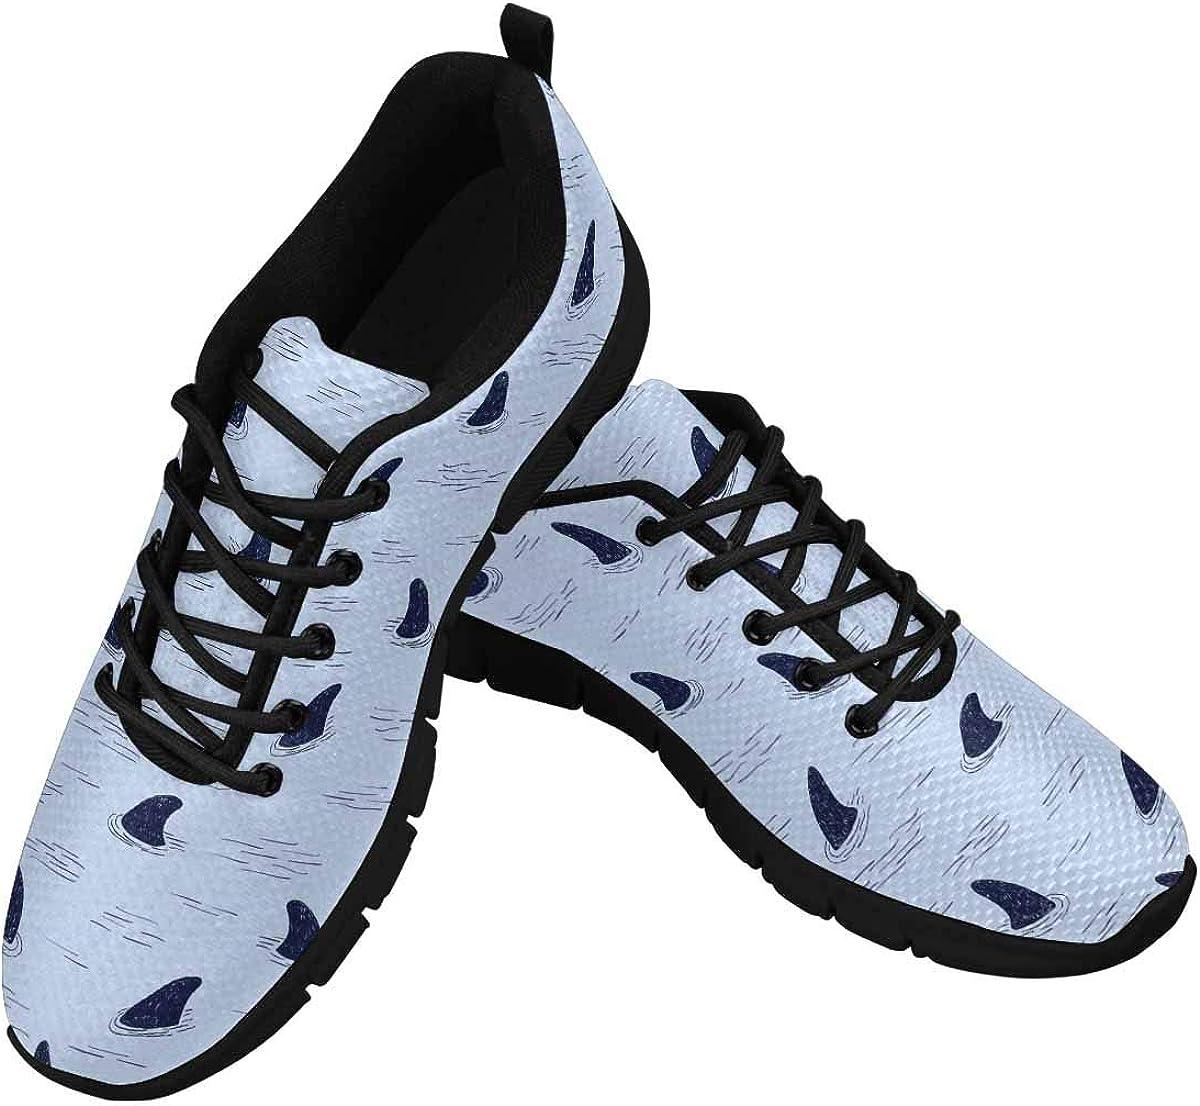 INTERESTPRINT Shark Fin Women's Sneaker Lace Up Running Comfort Sports Shoes